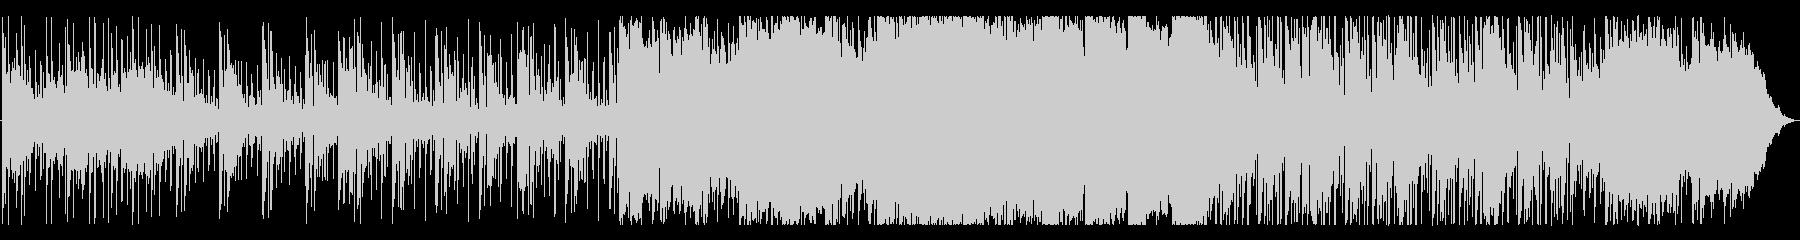 説明解説シーンに最適なアンビエントテクノの未再生の波形